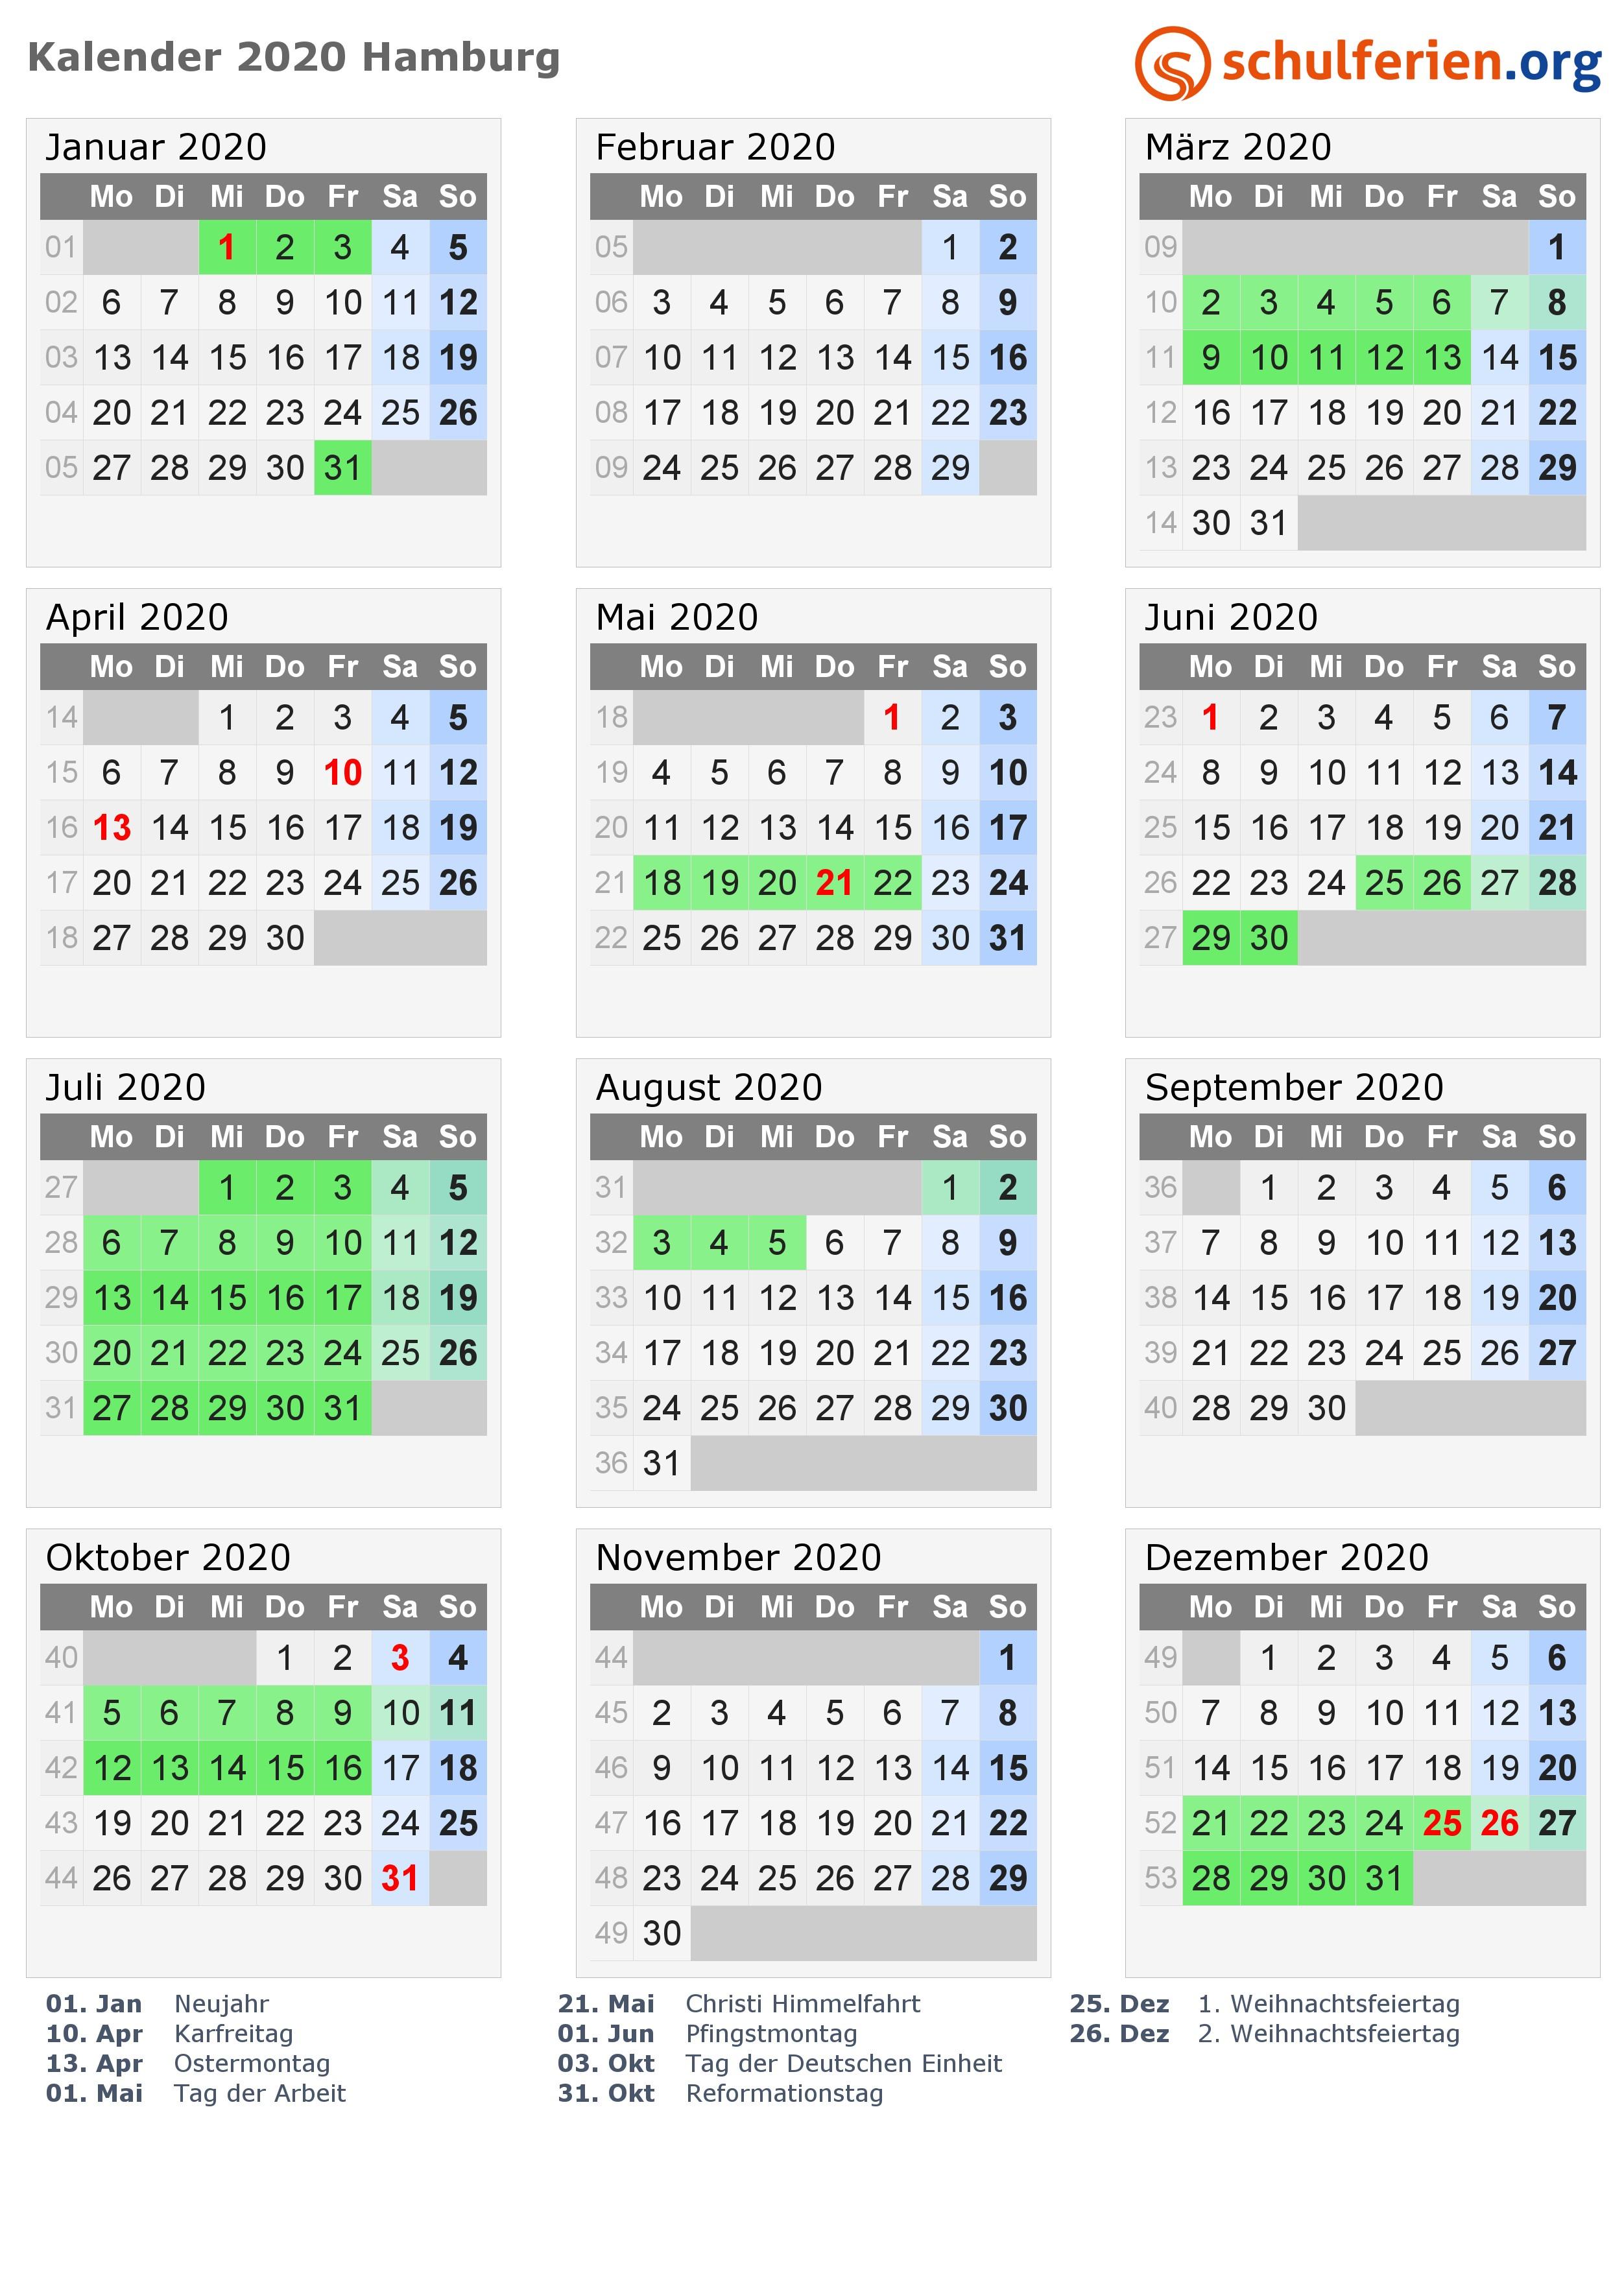 Kalender 2018 2019 2020 Hamburg